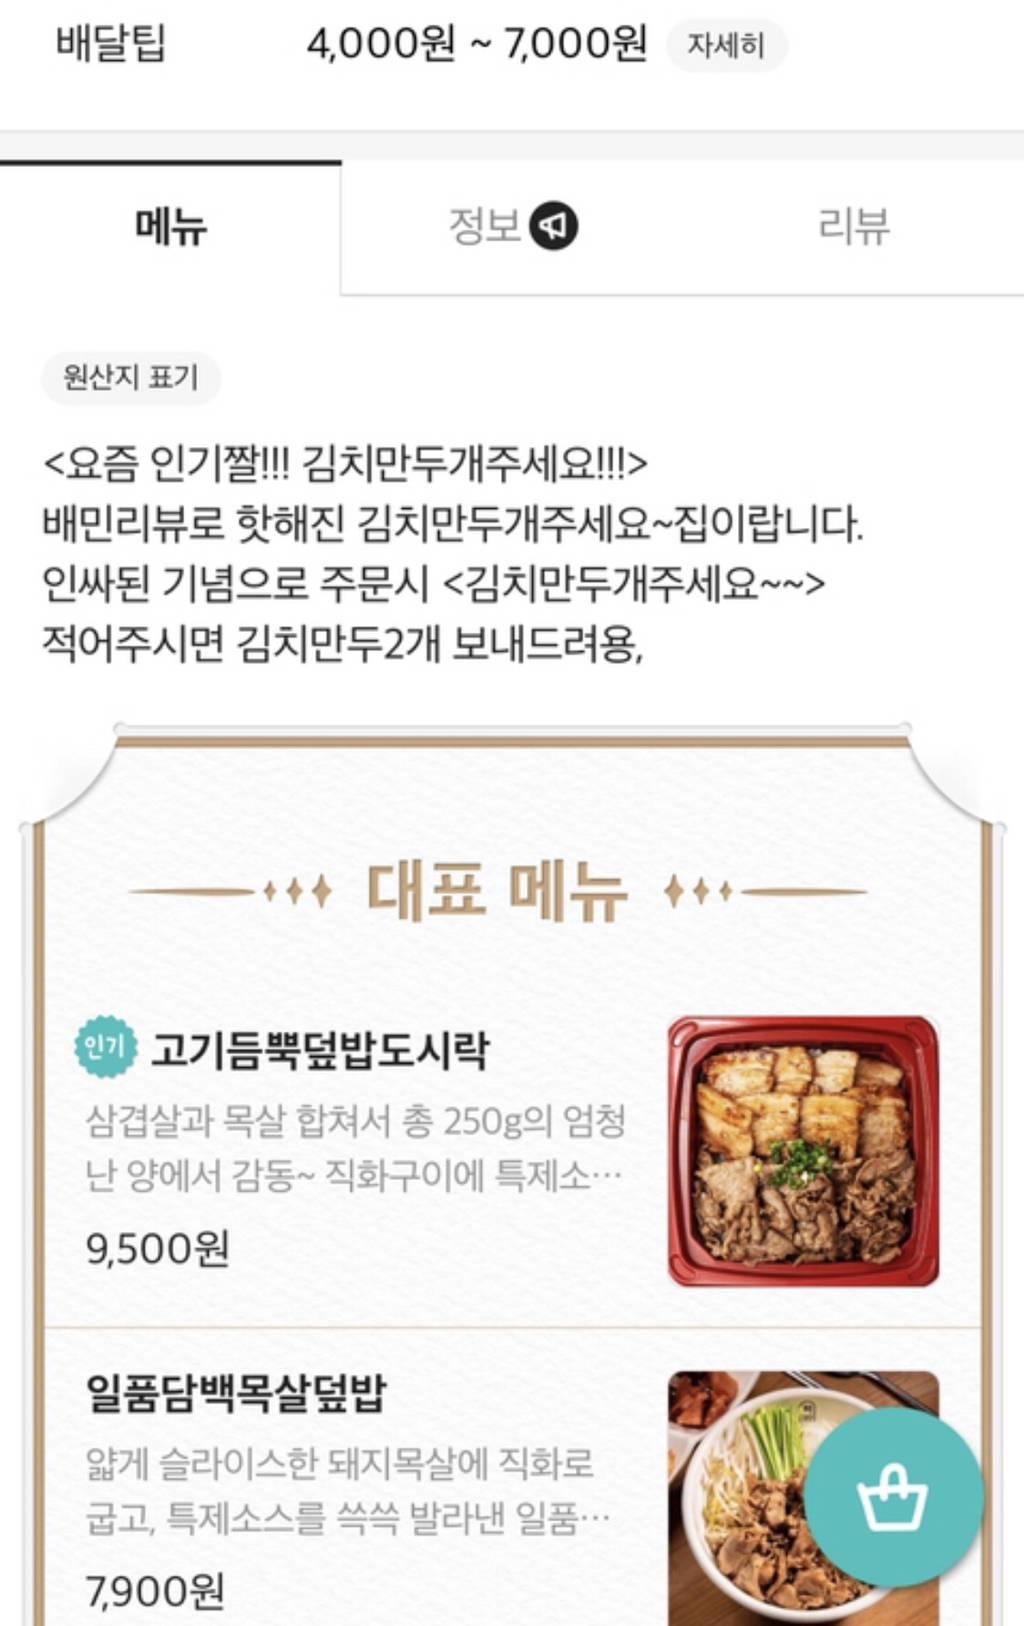 배민 김치만두개주세요 가게 근황 | 인스티즈